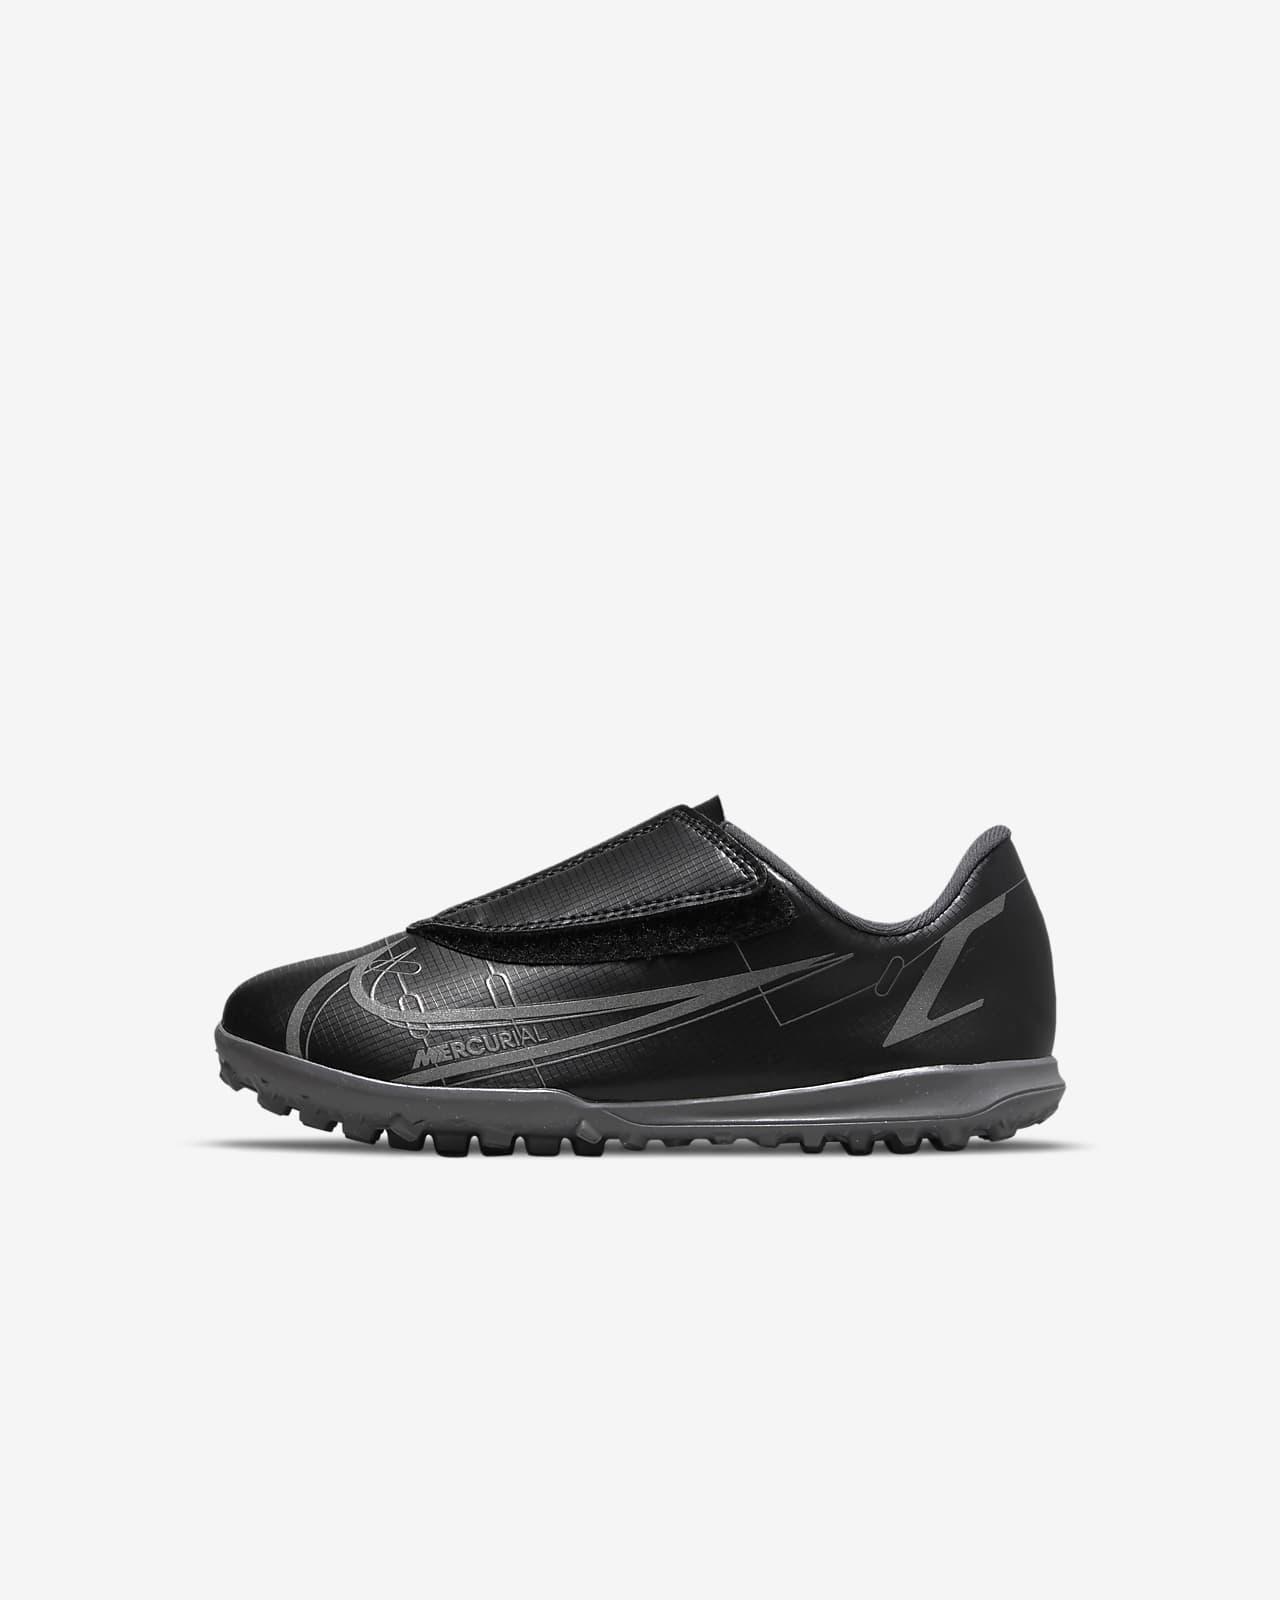 Chaussure de football pour surface synthétique NikeJr. Mercurial Vapor14 ClubTF pour Jeune enfant